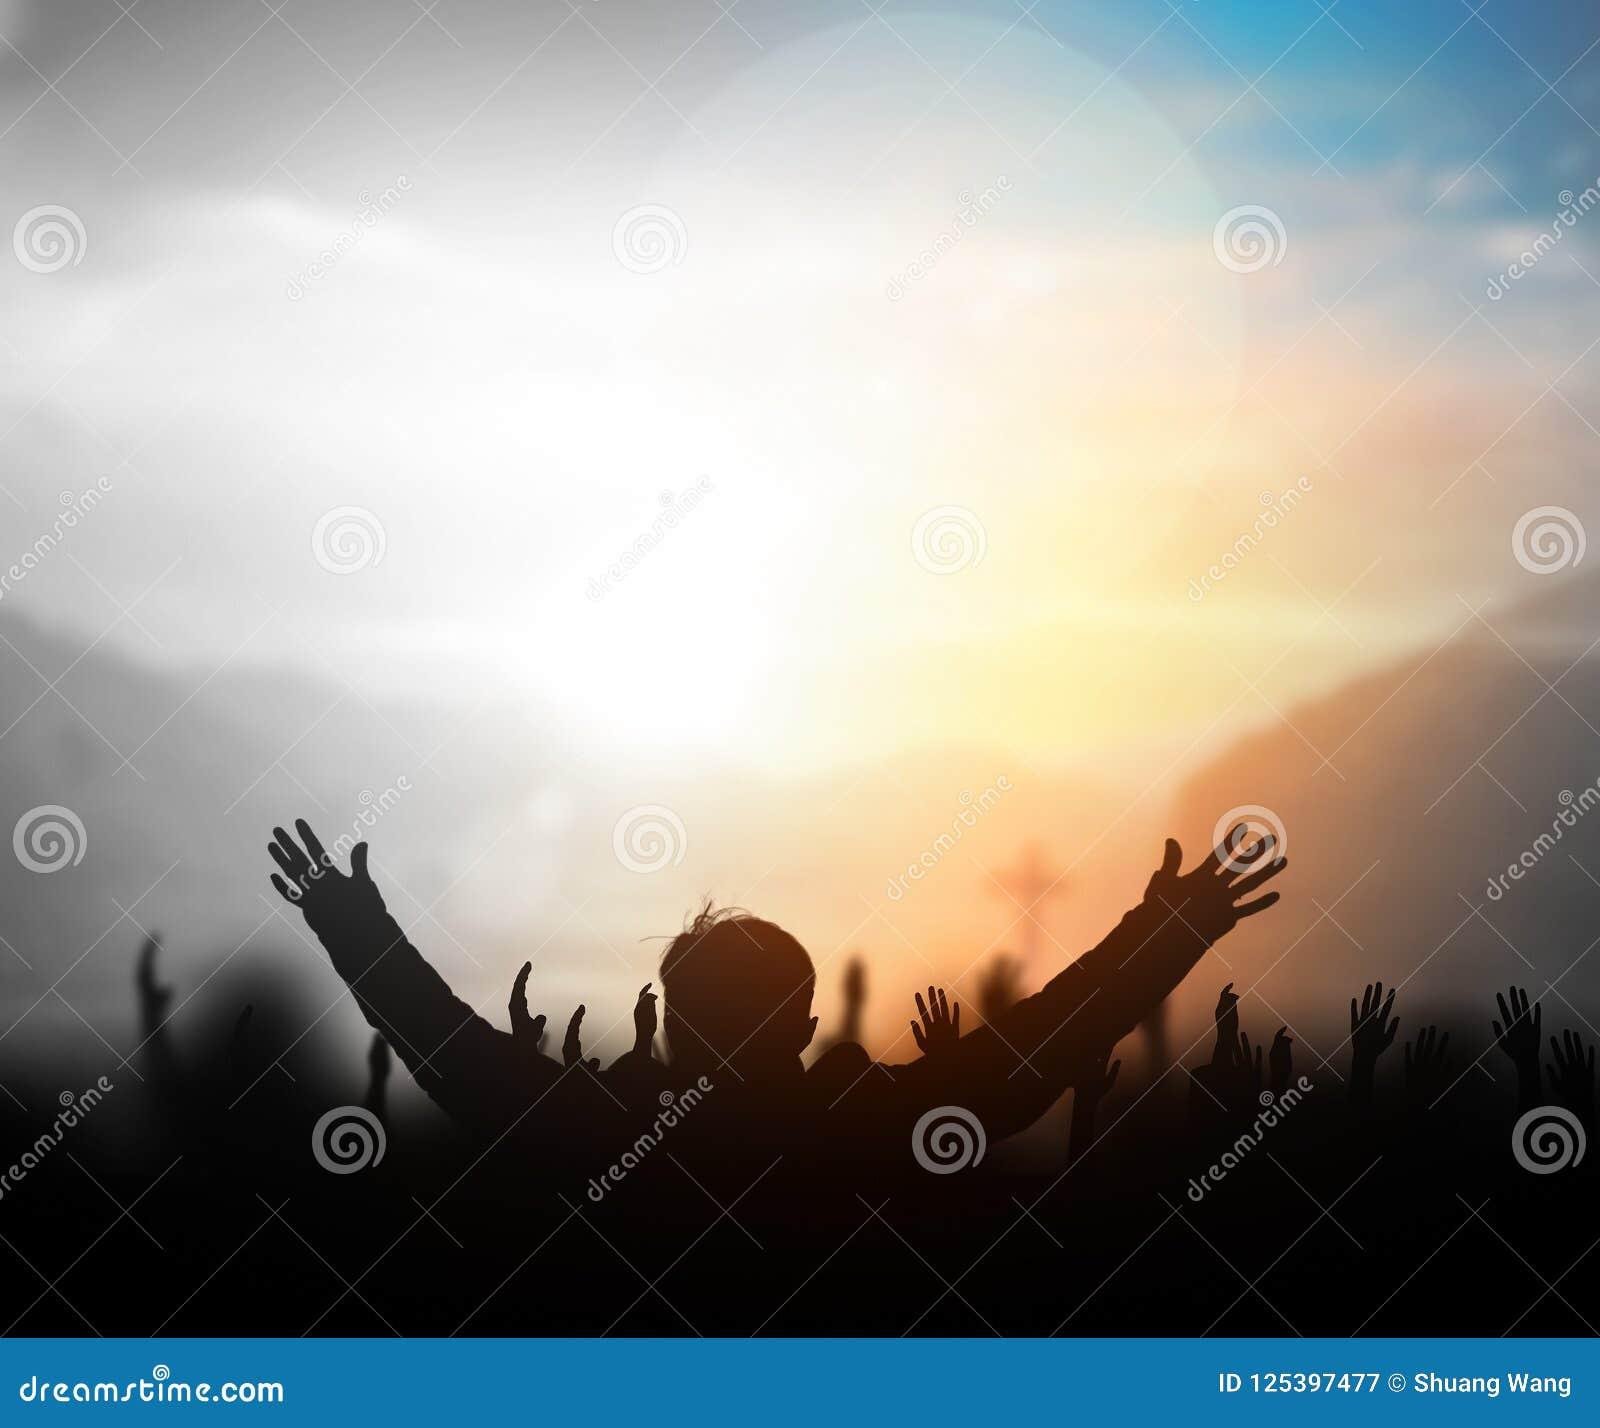 Alabanzas Cristianas De Adoracion concepto de la alabanza y de la adoración: silueta de los